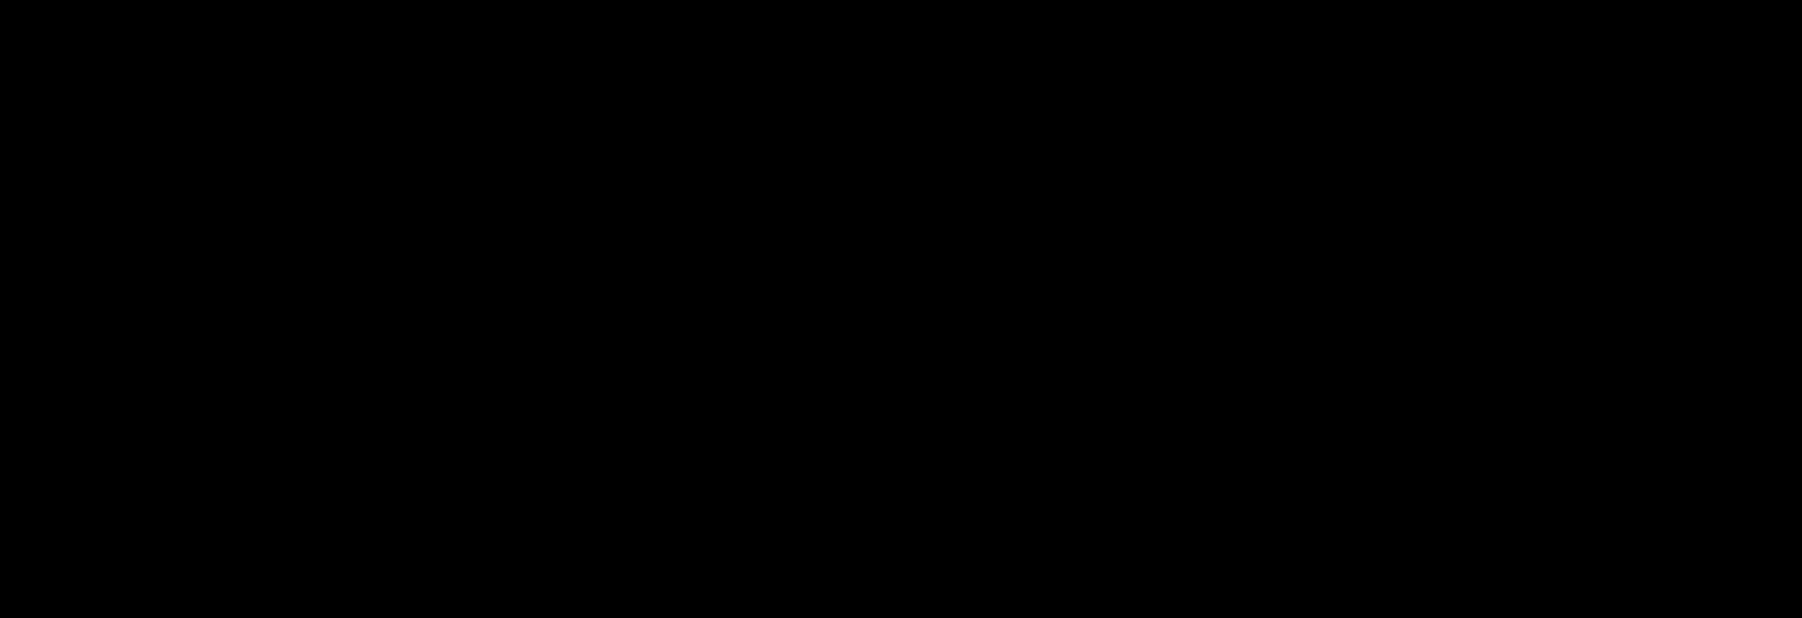 6-Acetoxymethyl-3,4,5-triacetoxy-6-oxo Dapagliflozin